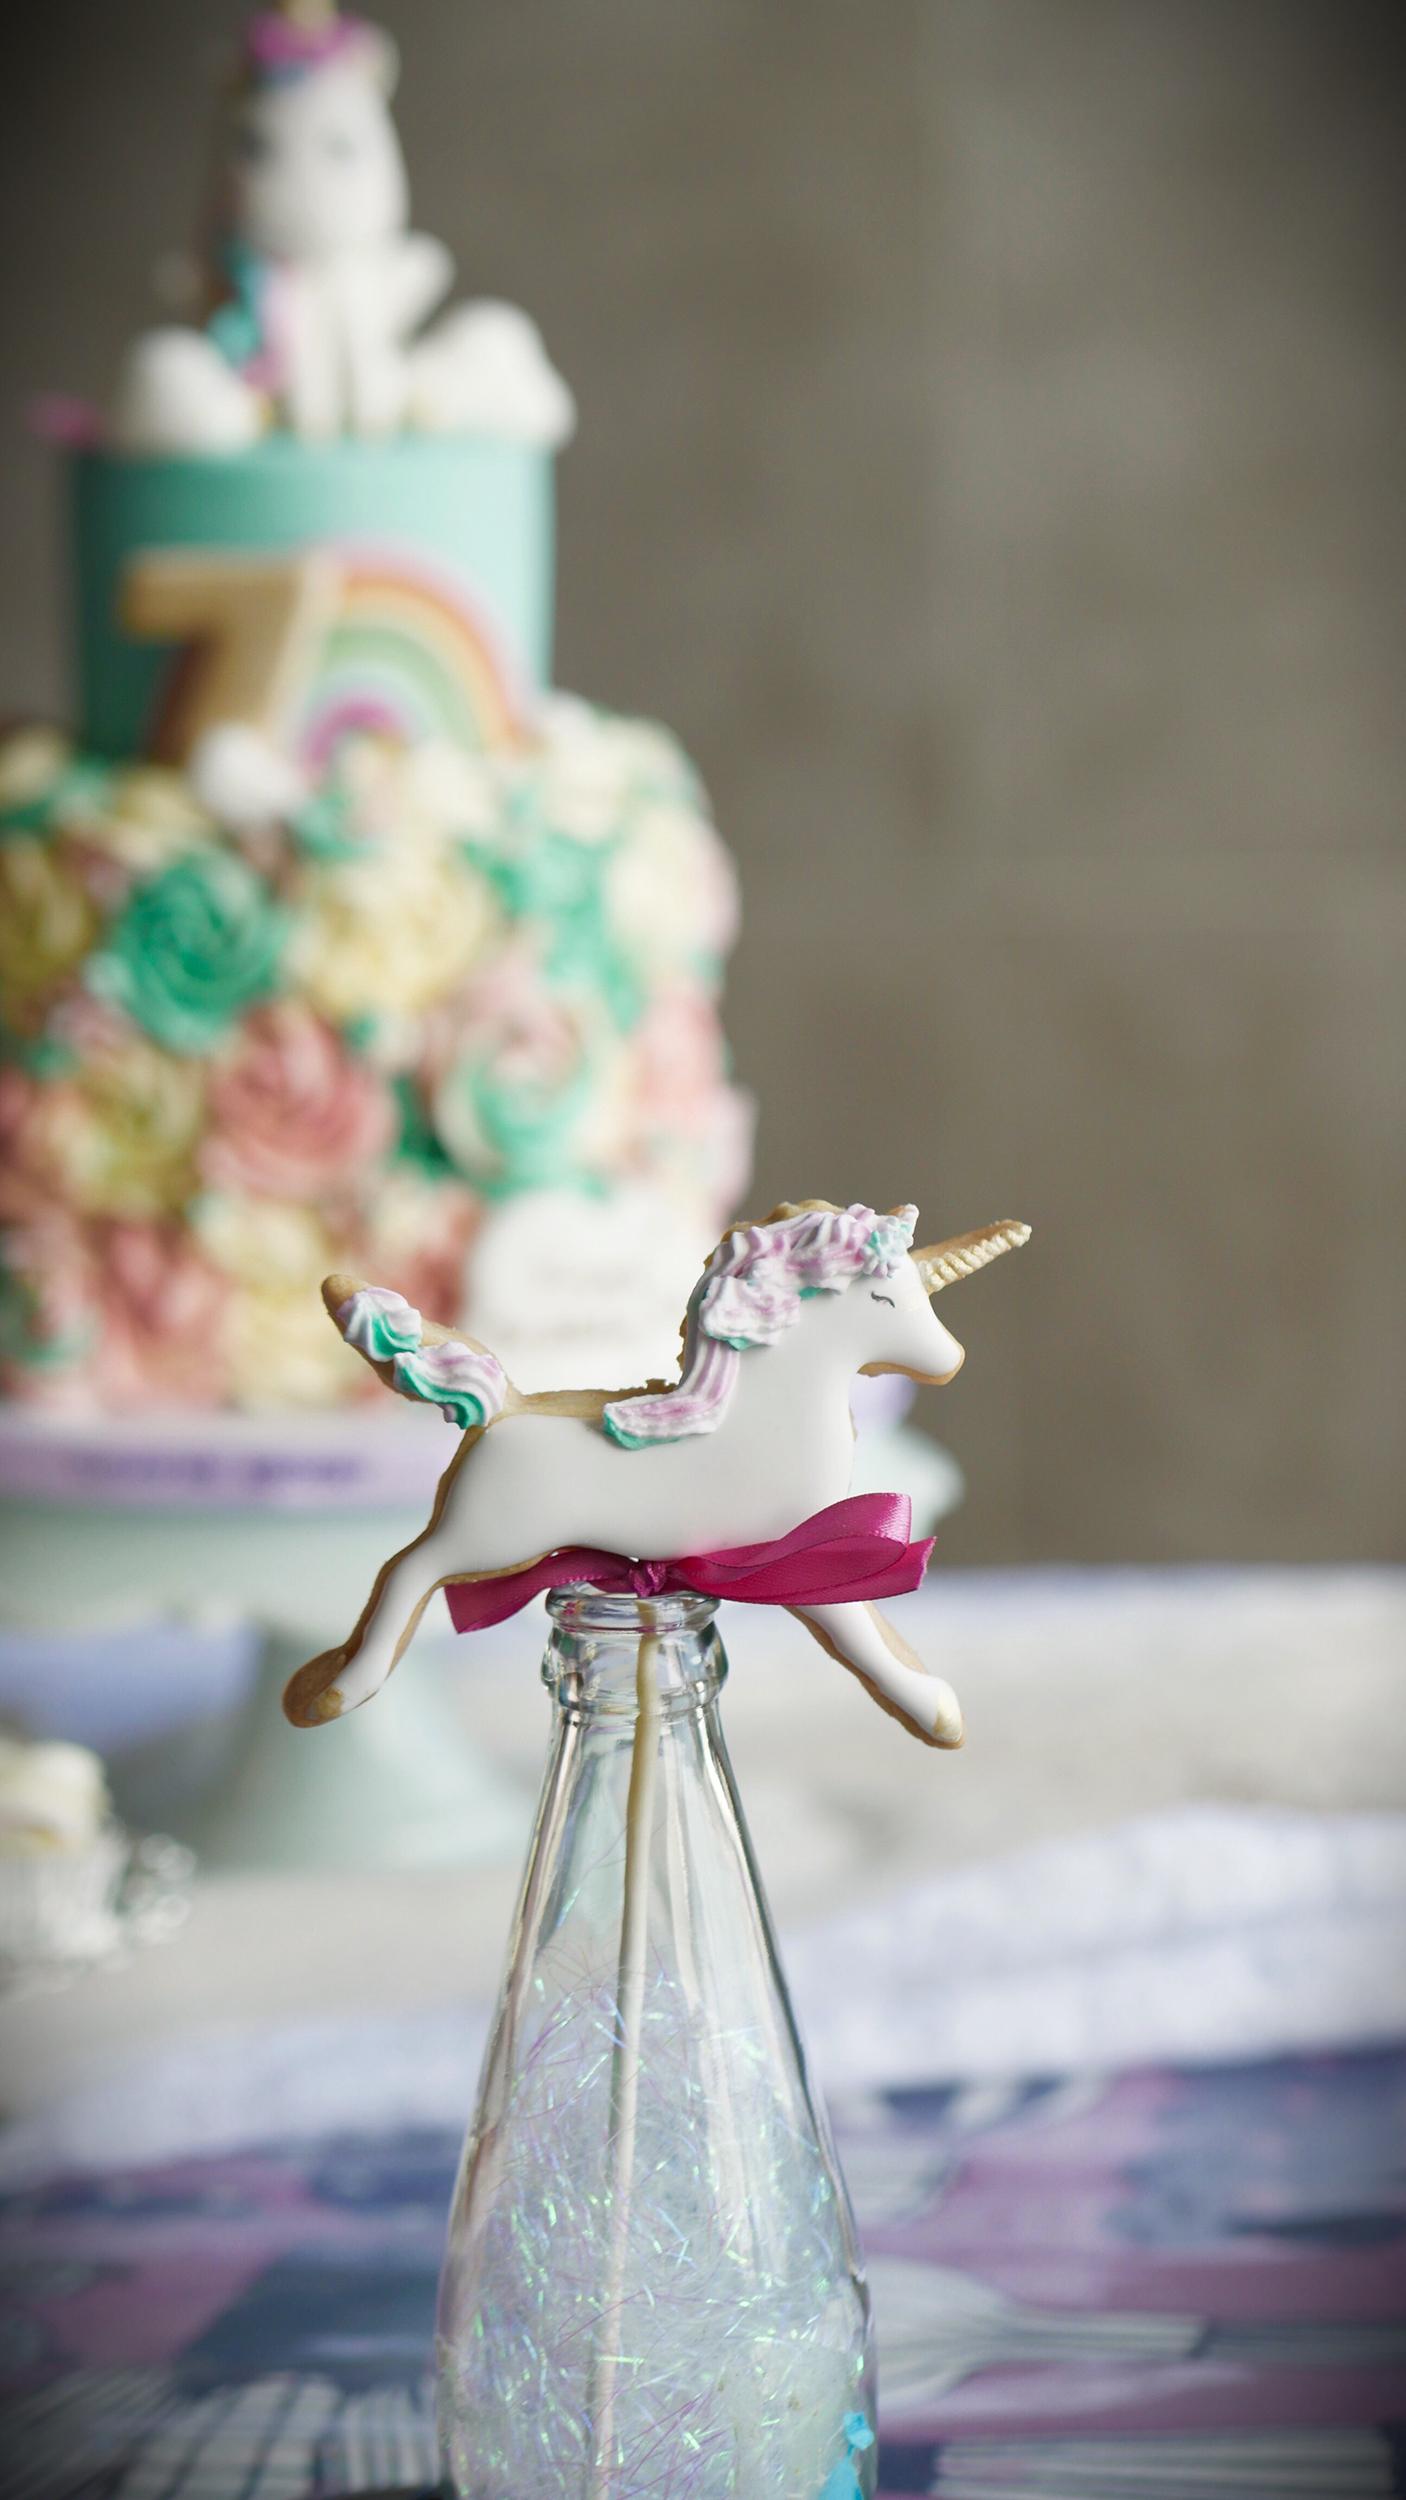 kids_unicorn (2)